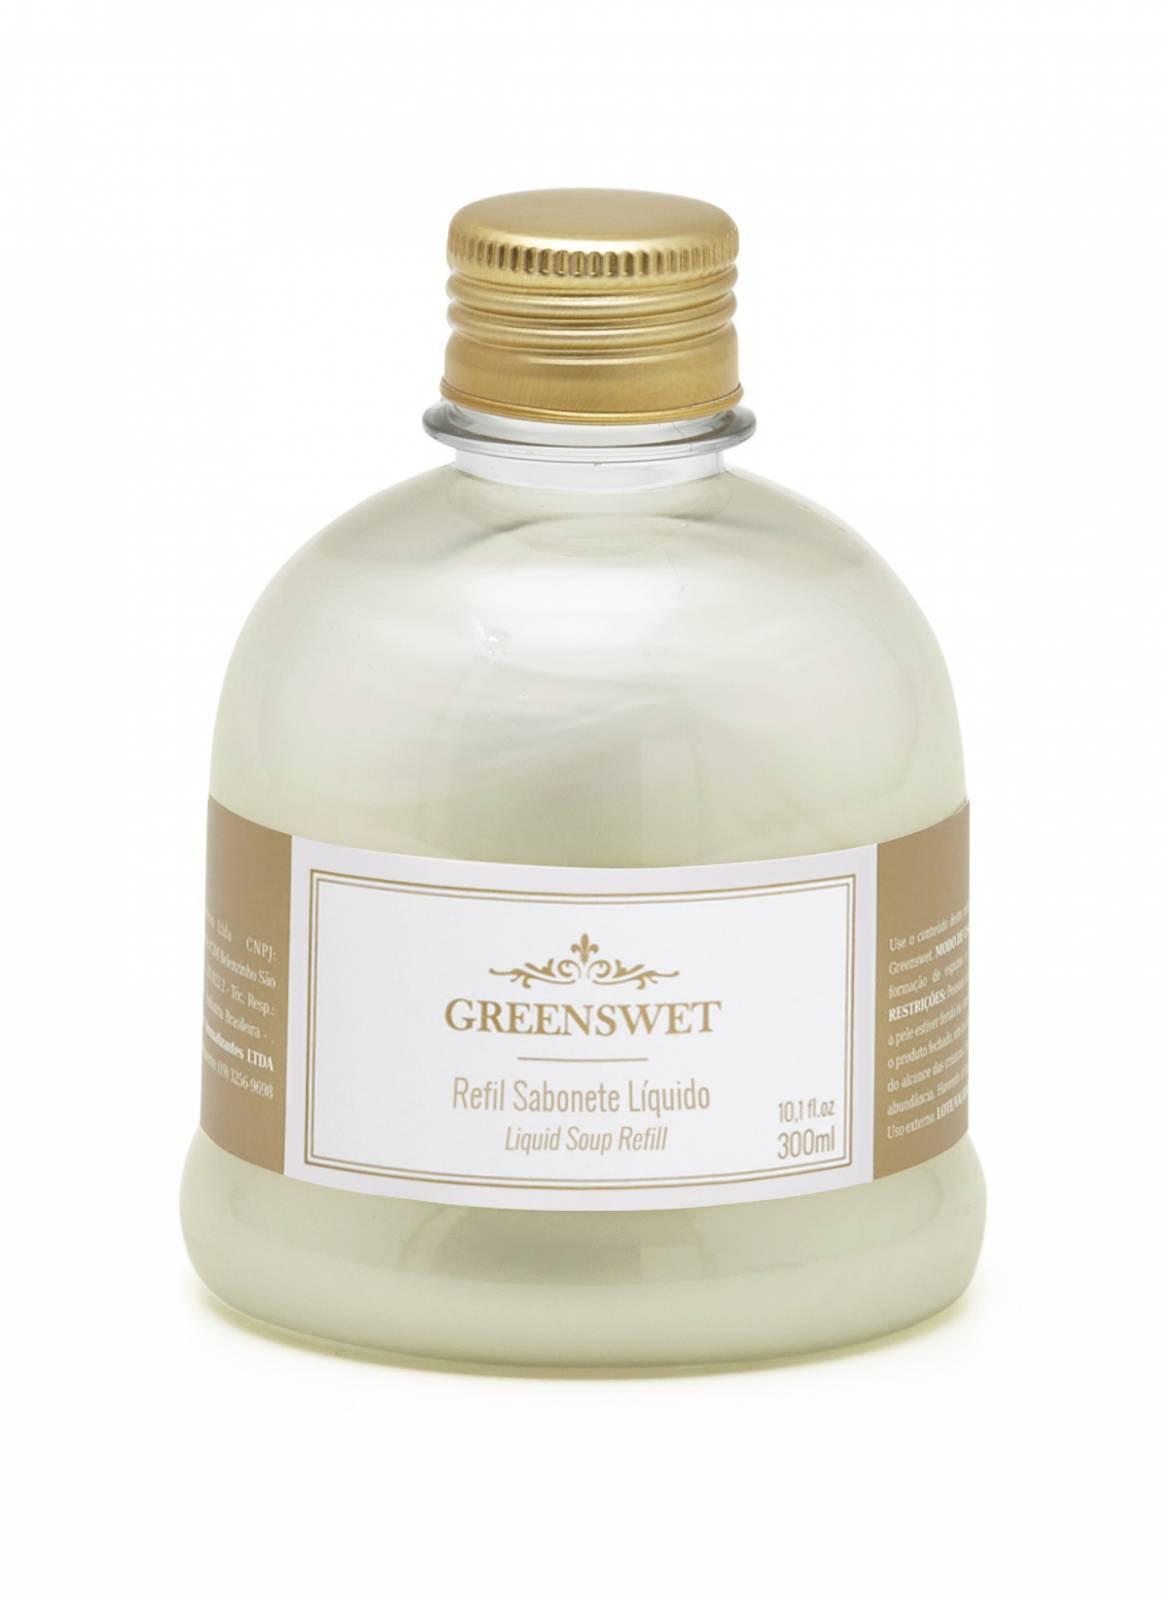 Refil Sabonete Liquido 300 ml Essência Mandarina e Canela  - Greenswet Aromatizantes